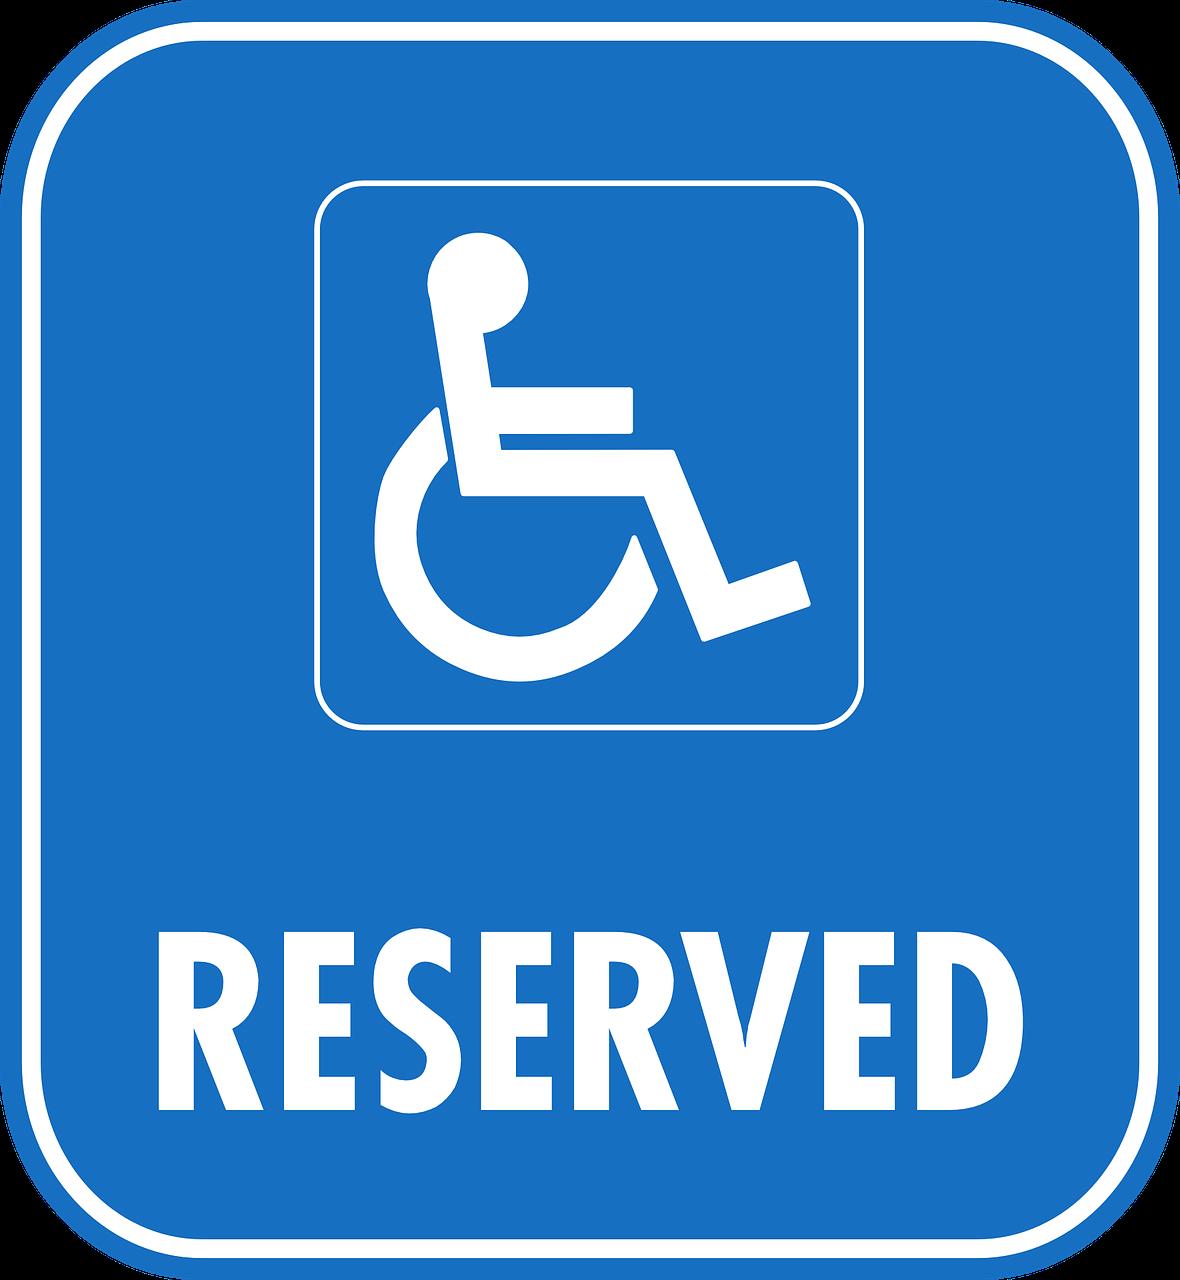 Paul Clarisse instellingen gehandicaptenzorg verstandelijk gehandicapten